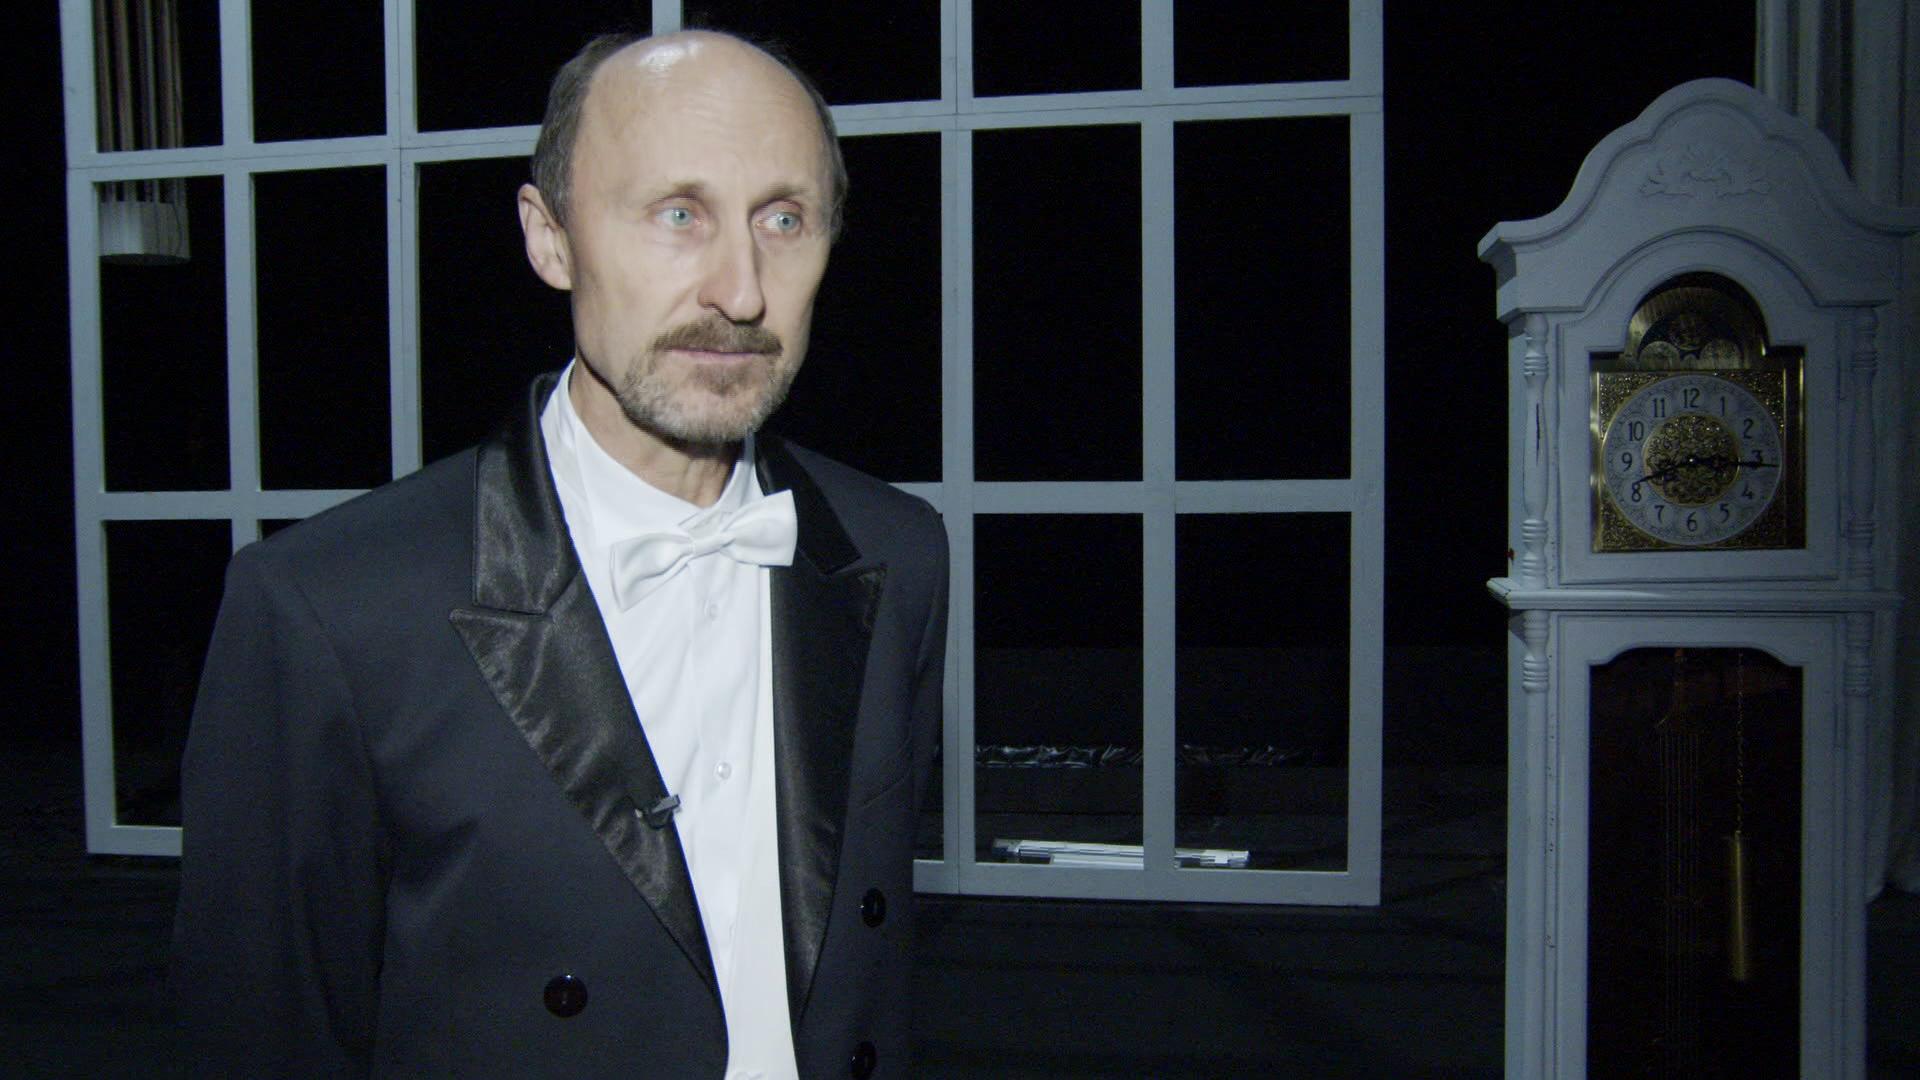 teatr - Коласовский театр открывает новый сезон премьерой (видео)